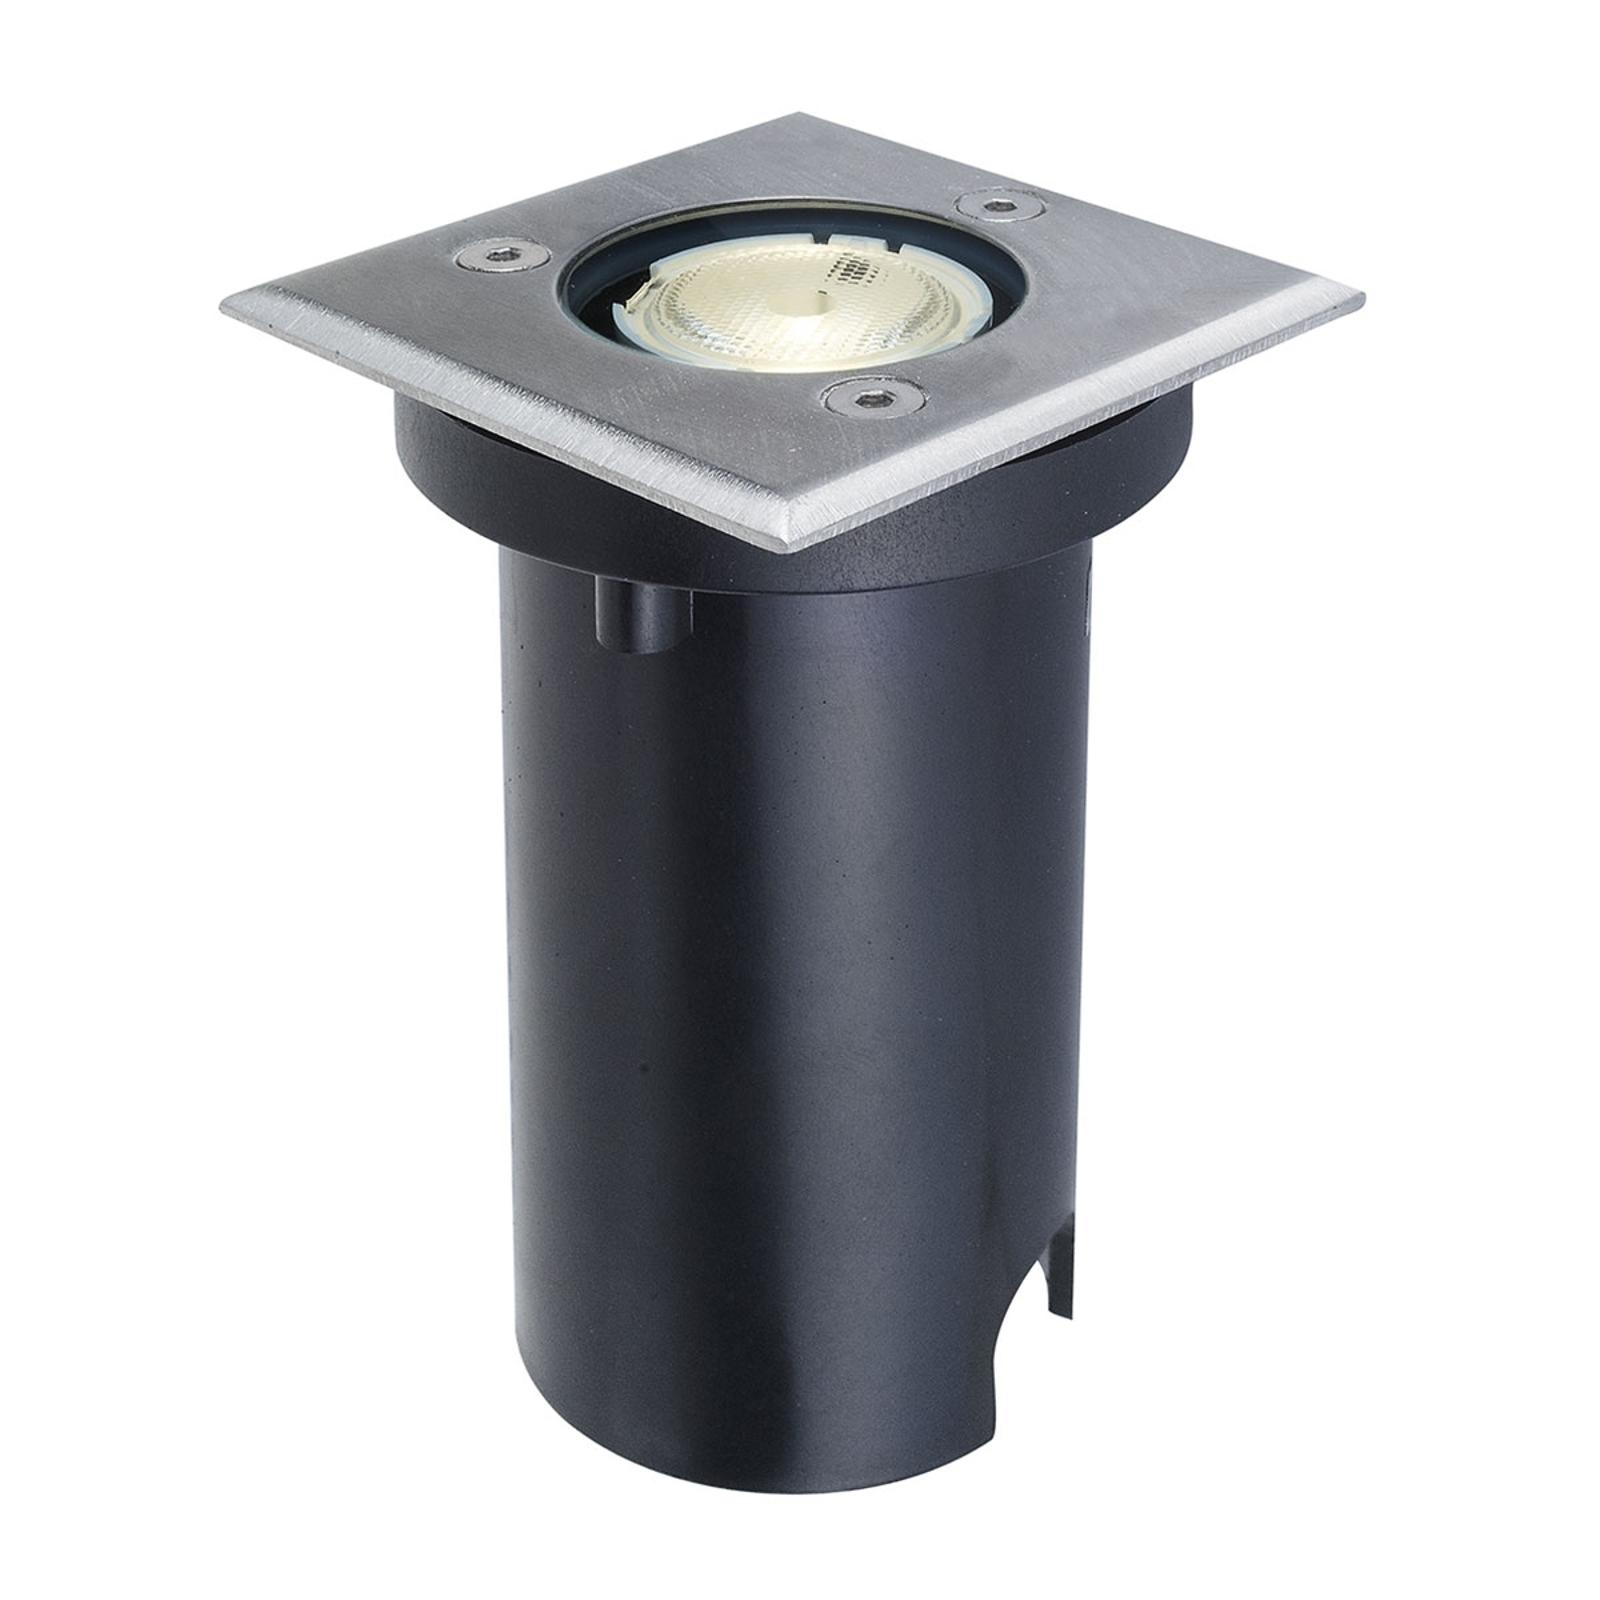 Spot LED encastré dans le sol Kenan IP67 49 lm